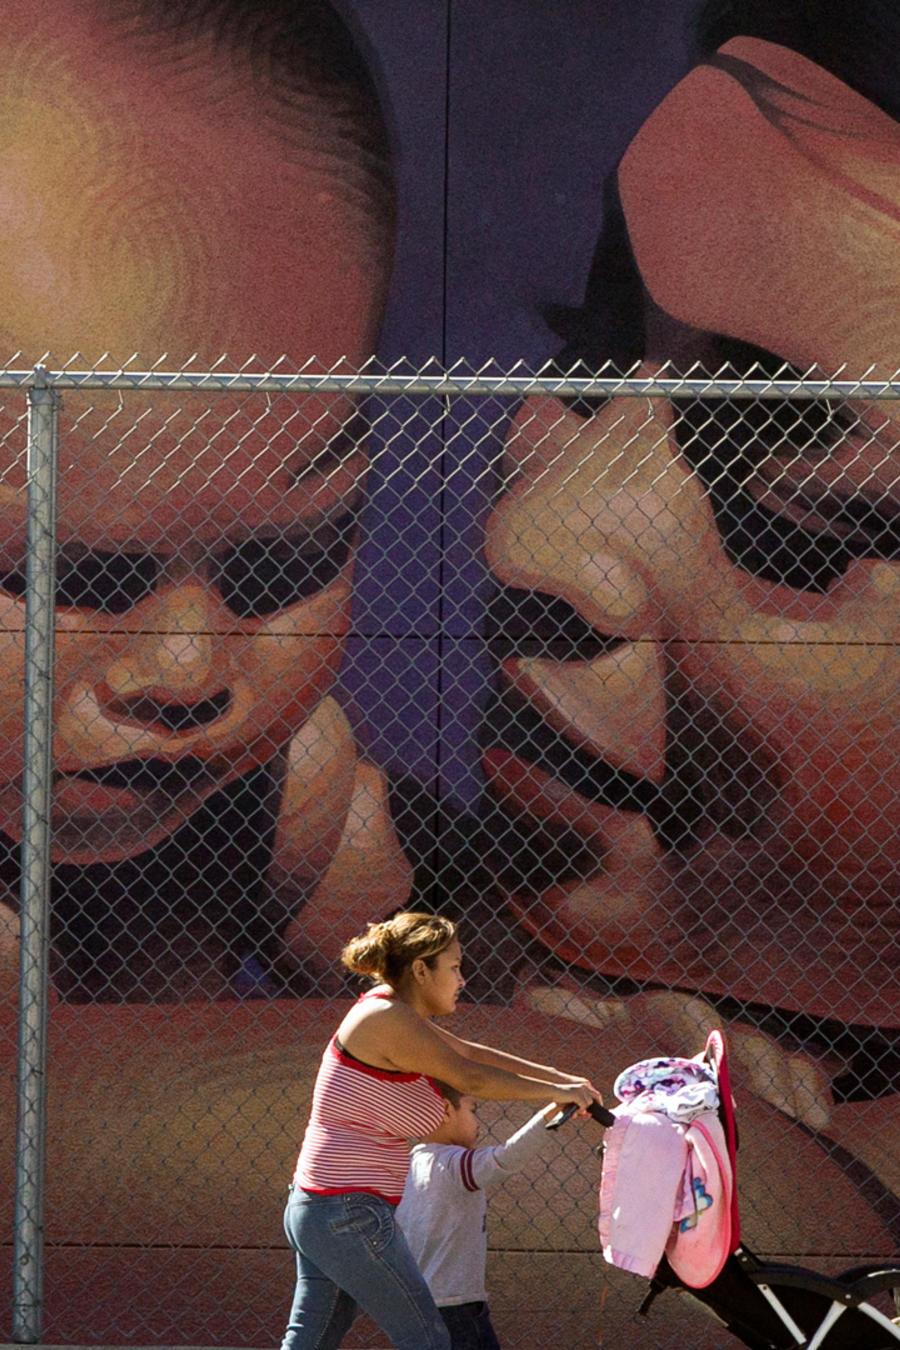 Una mujer pasea frente a un mural pintado en una pared en un mural en California en una imagen de archivo.